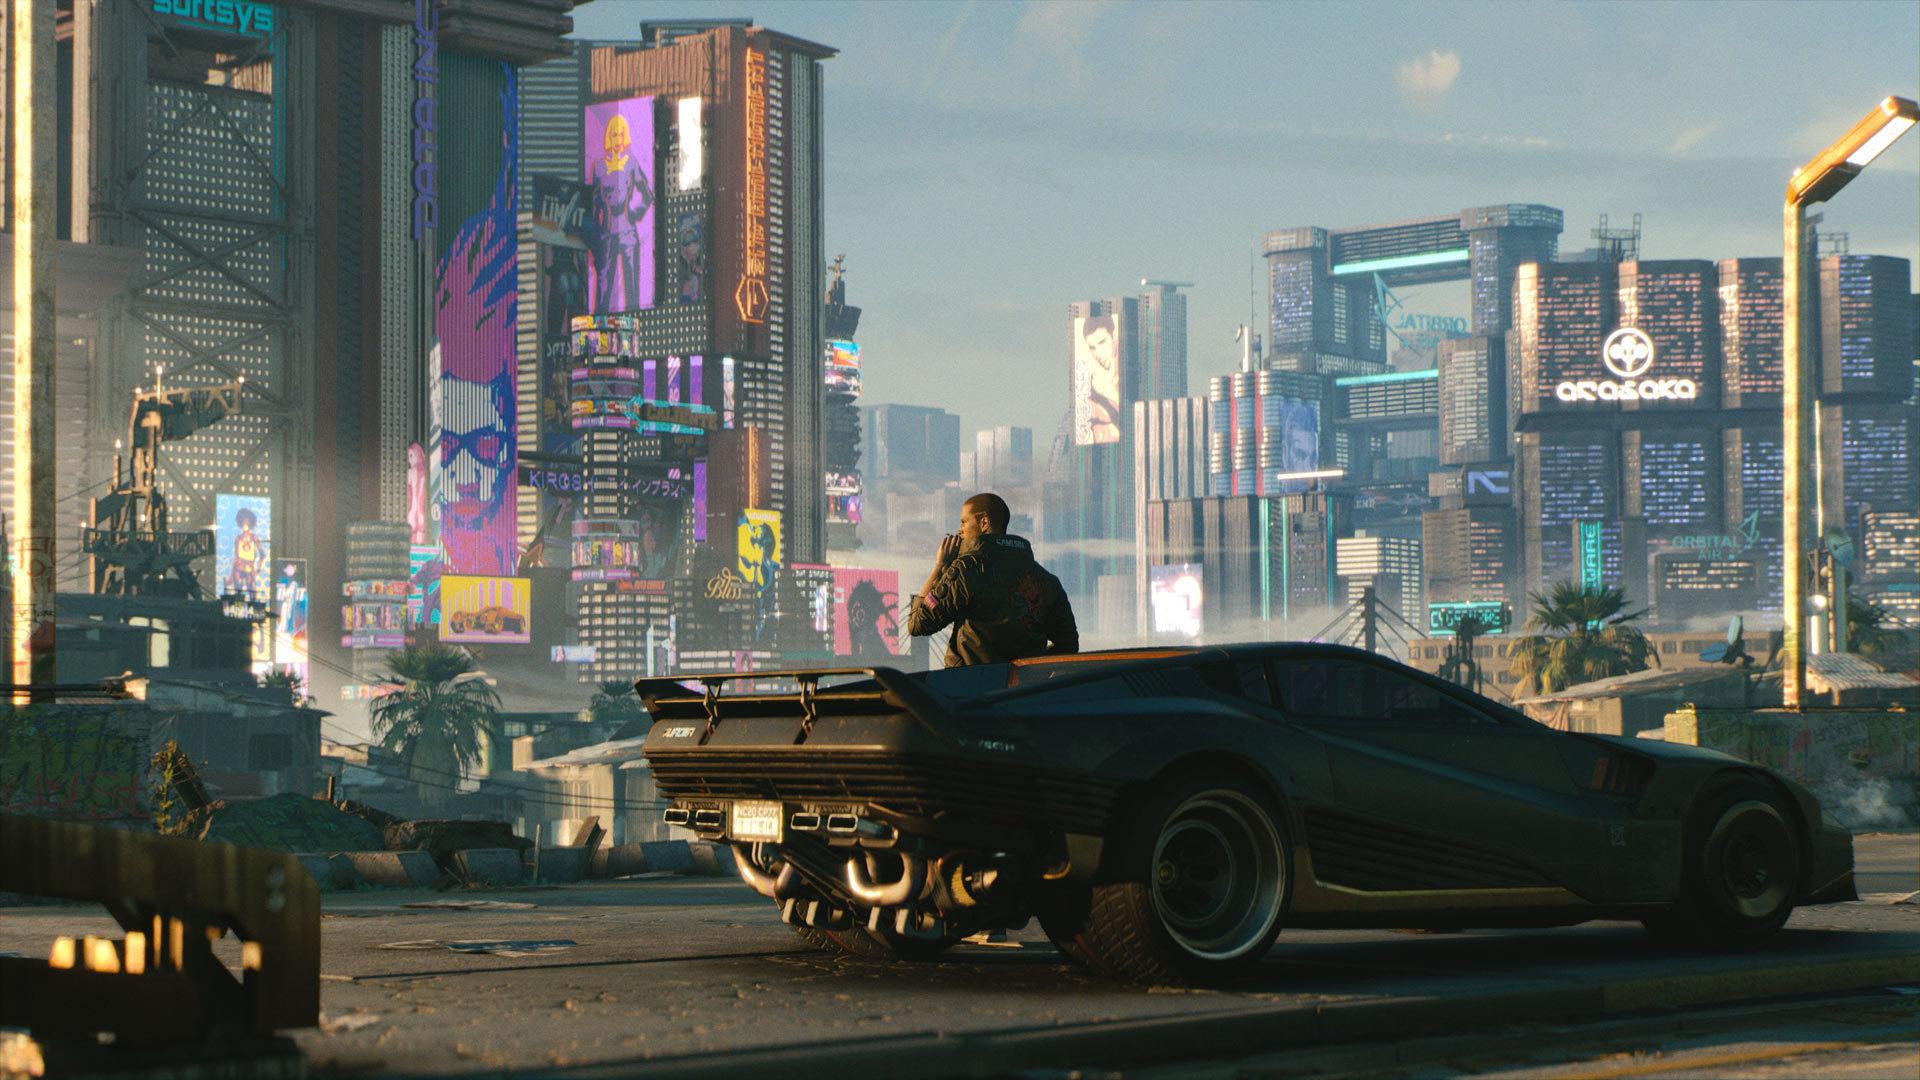 دو تصویر منتشر شده از Cyberpunk 2077 در پایان مراسم E3 2019